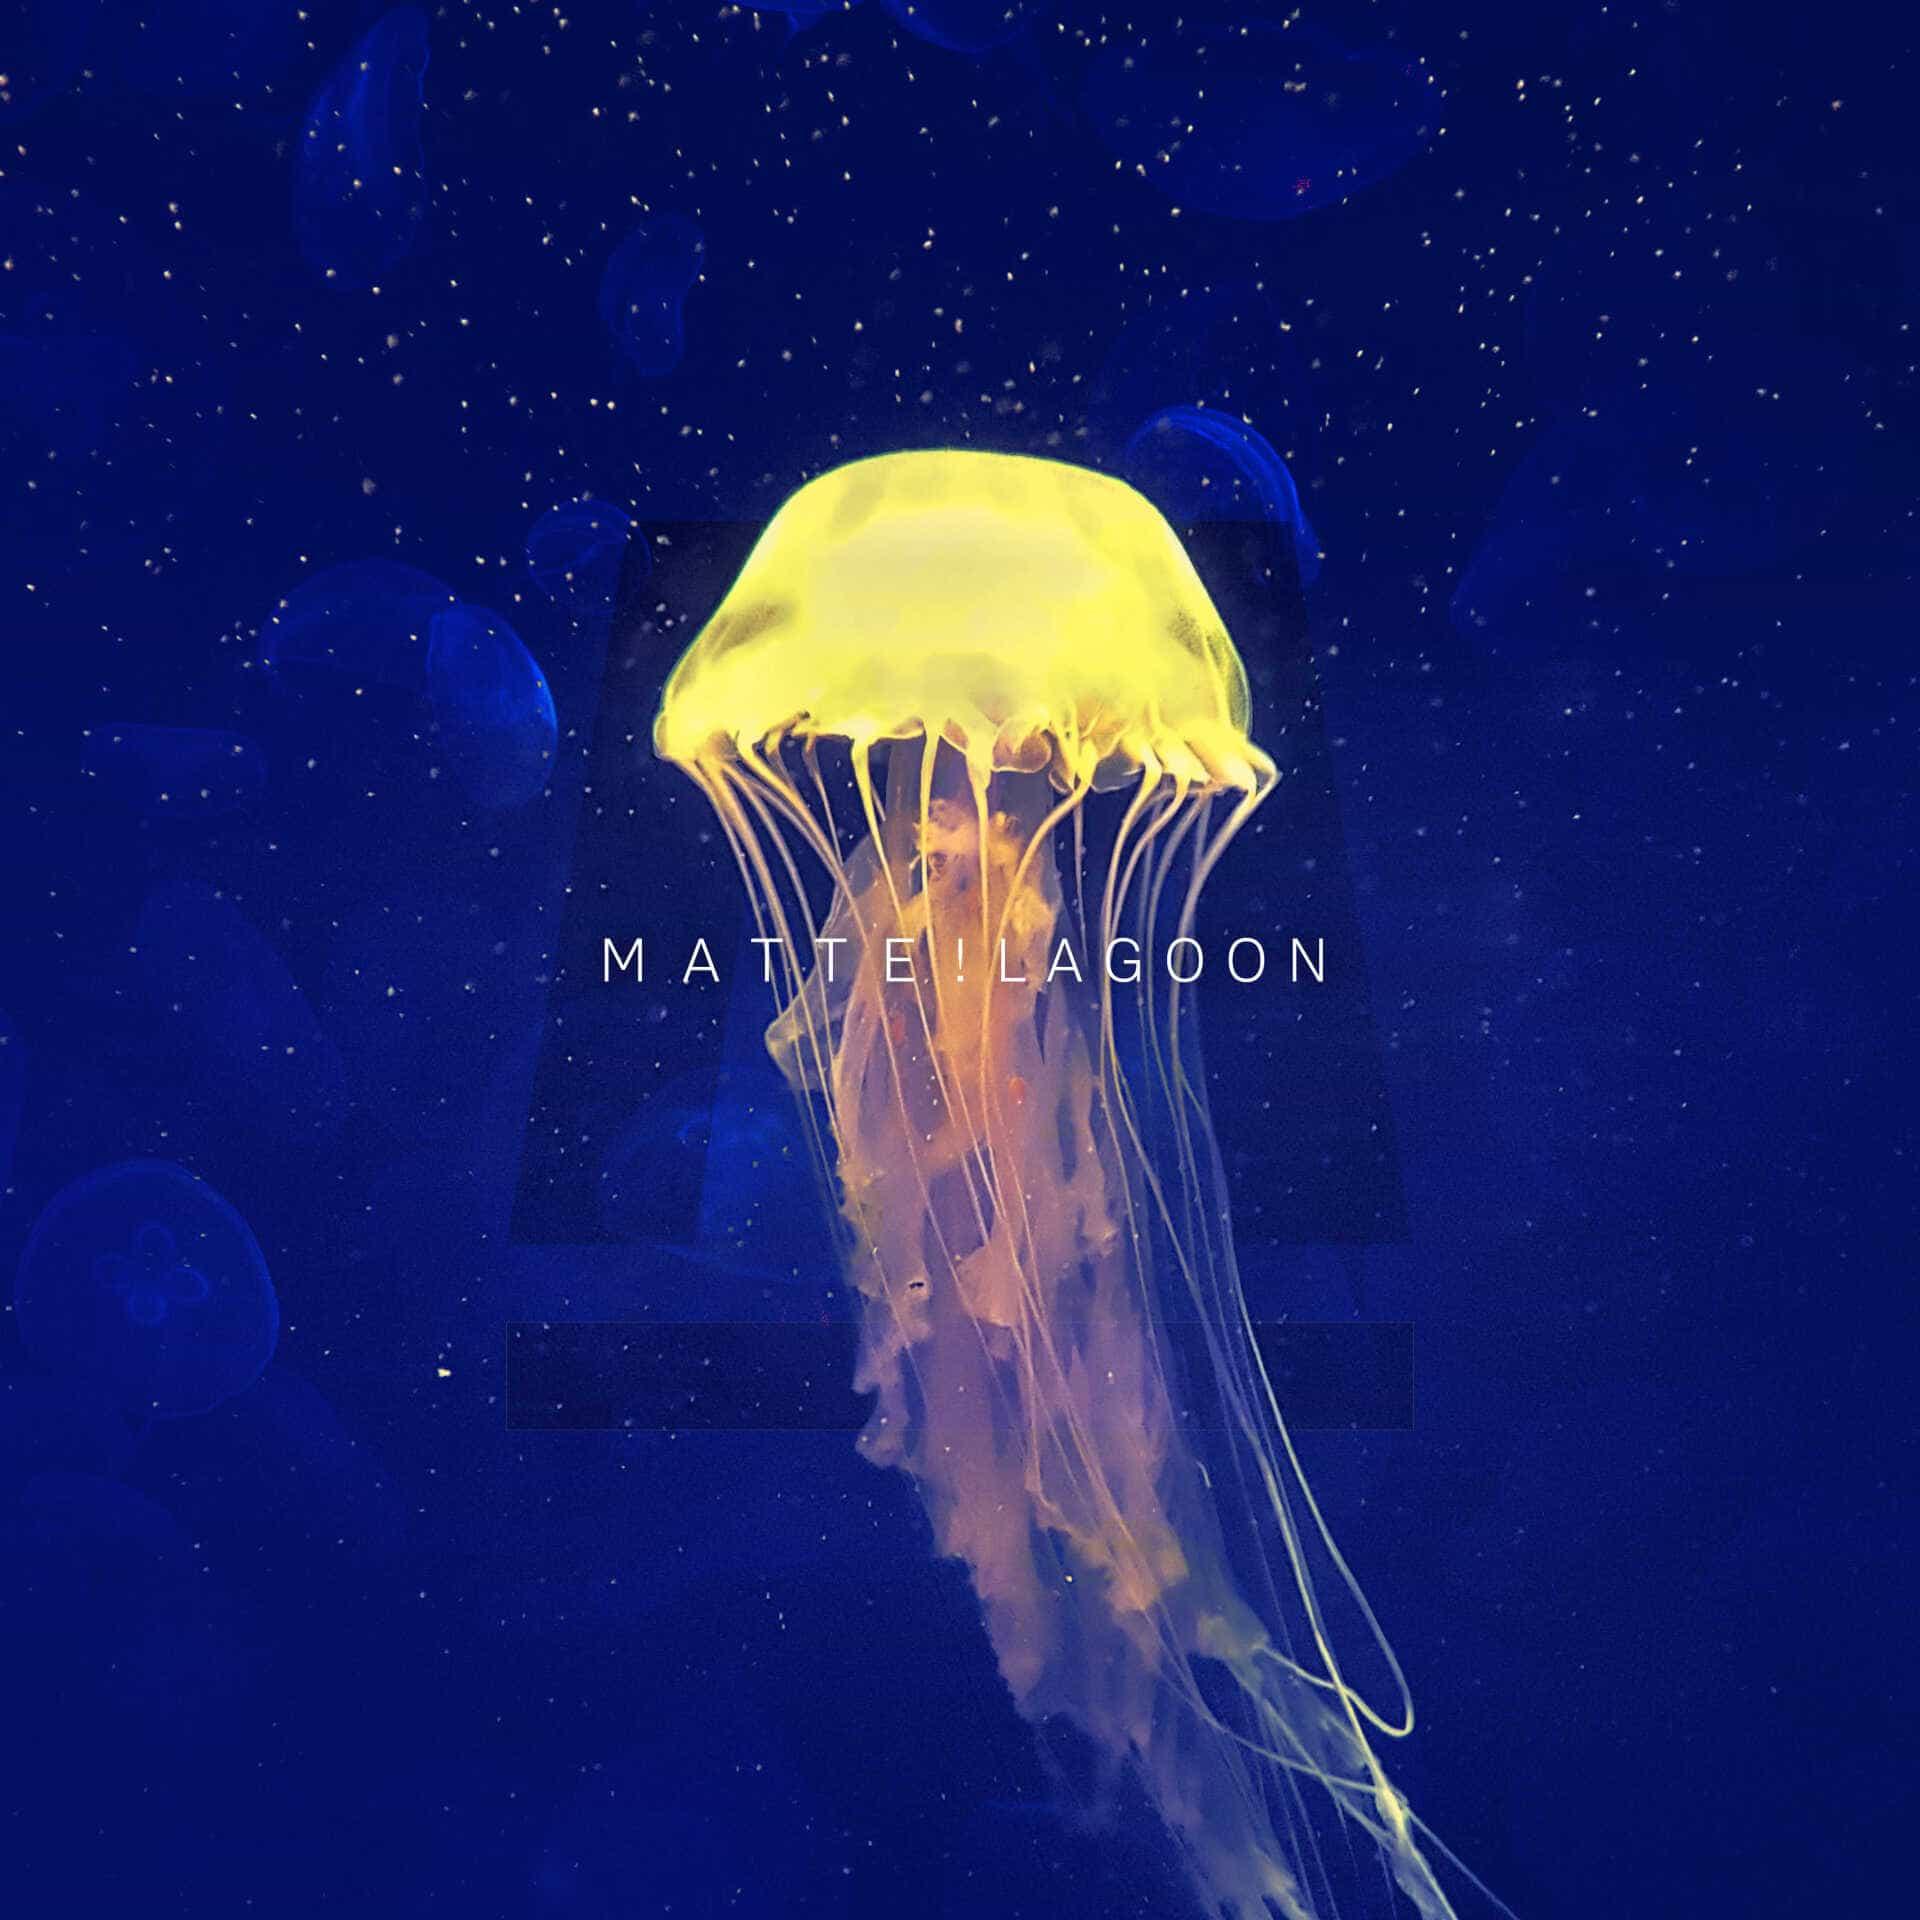 MATTE! - Lagoon